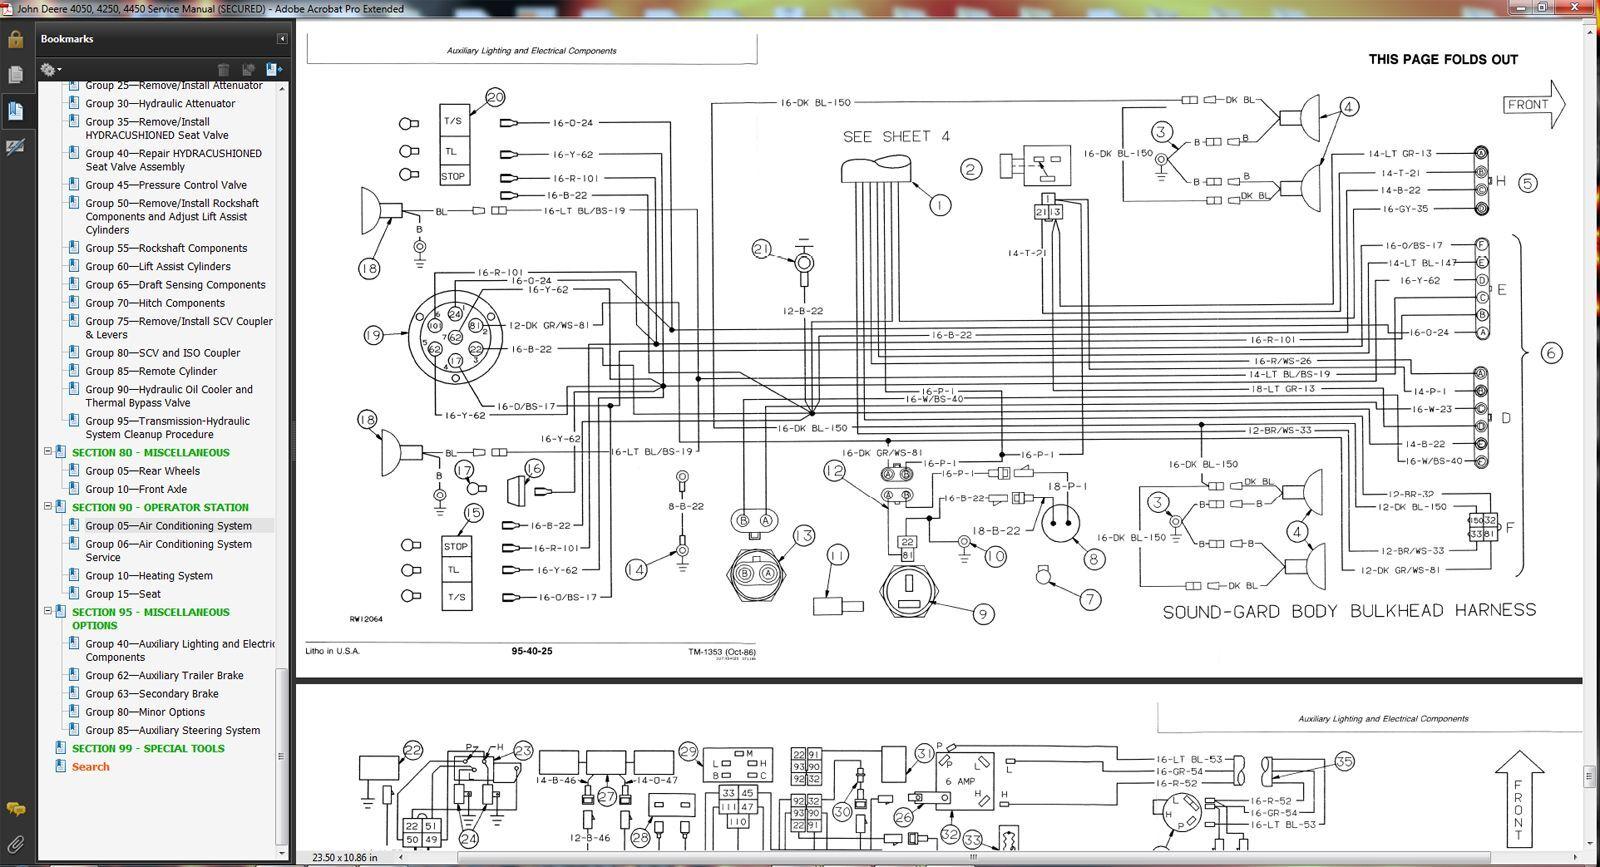 Tm1353 John Deere 4050 4250 4450 Tractor Technical Service Manual Wiring Diagram Repair Book Cd Ebay